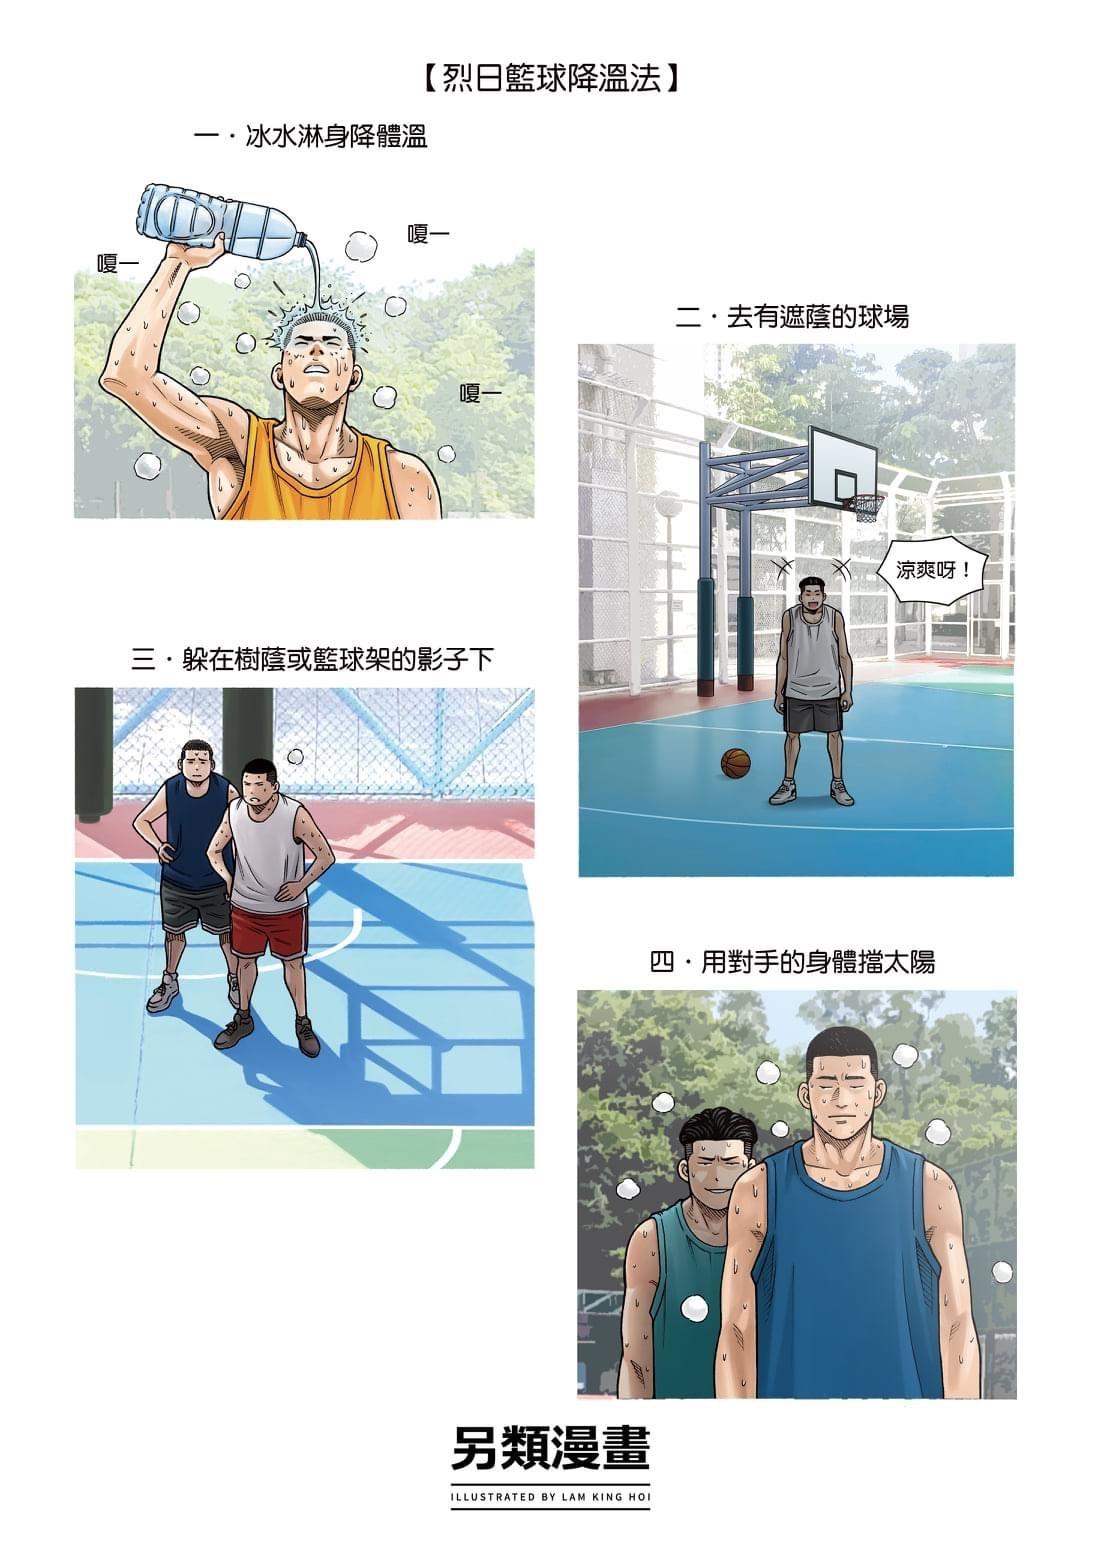 NBA Comic #2